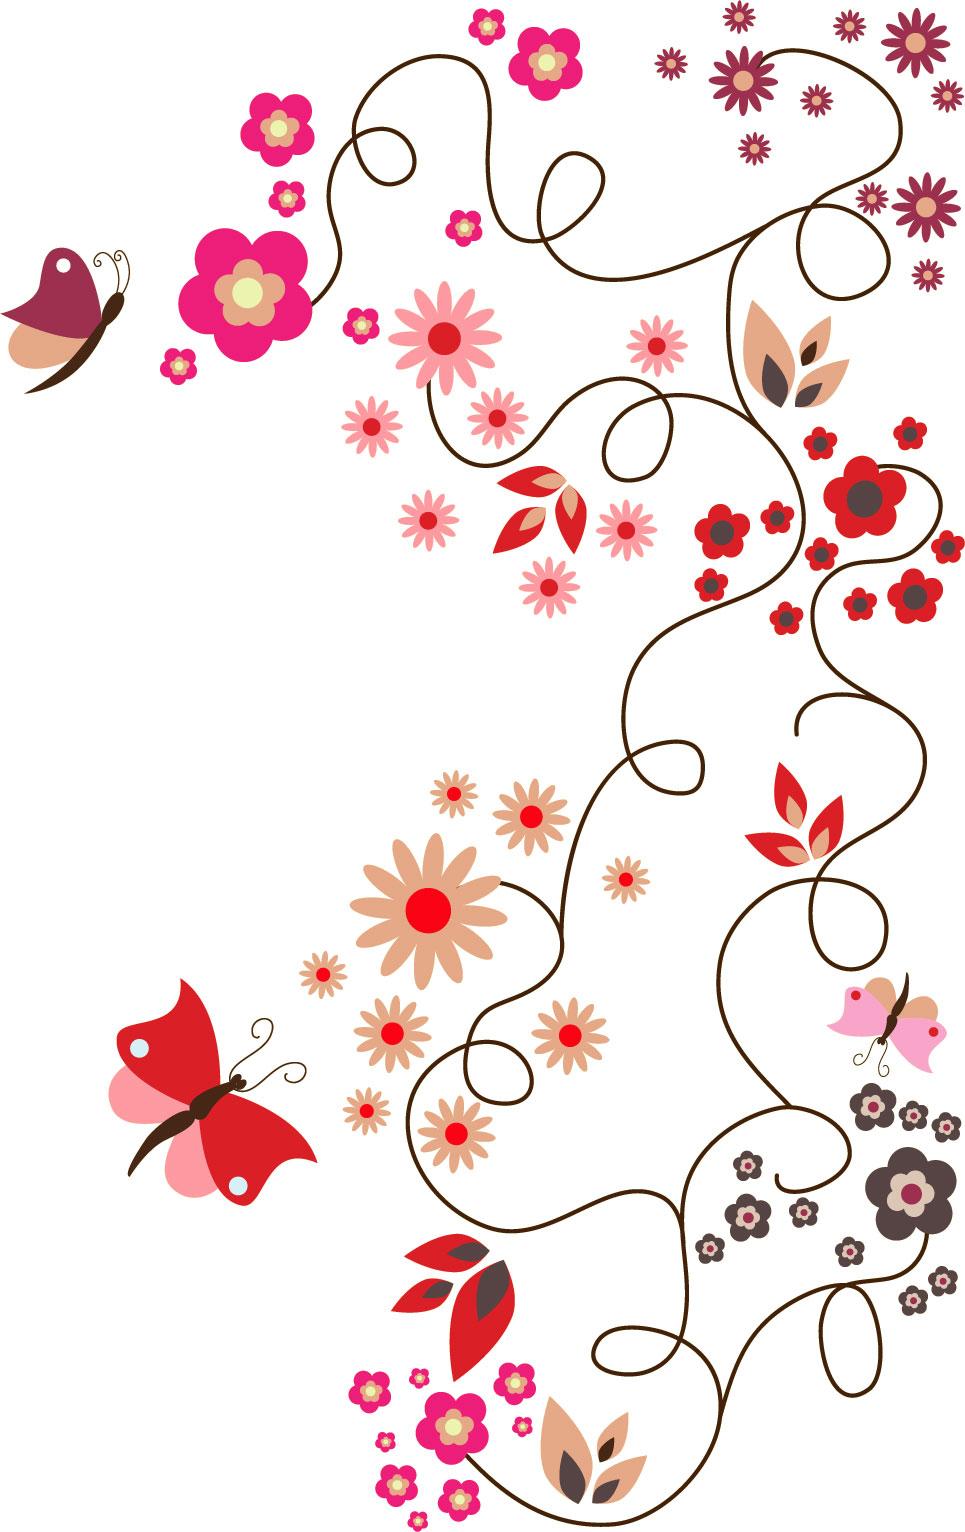 ポップでかわいい花のイラスト・フリー素材/no.190『赤基調・蝶』